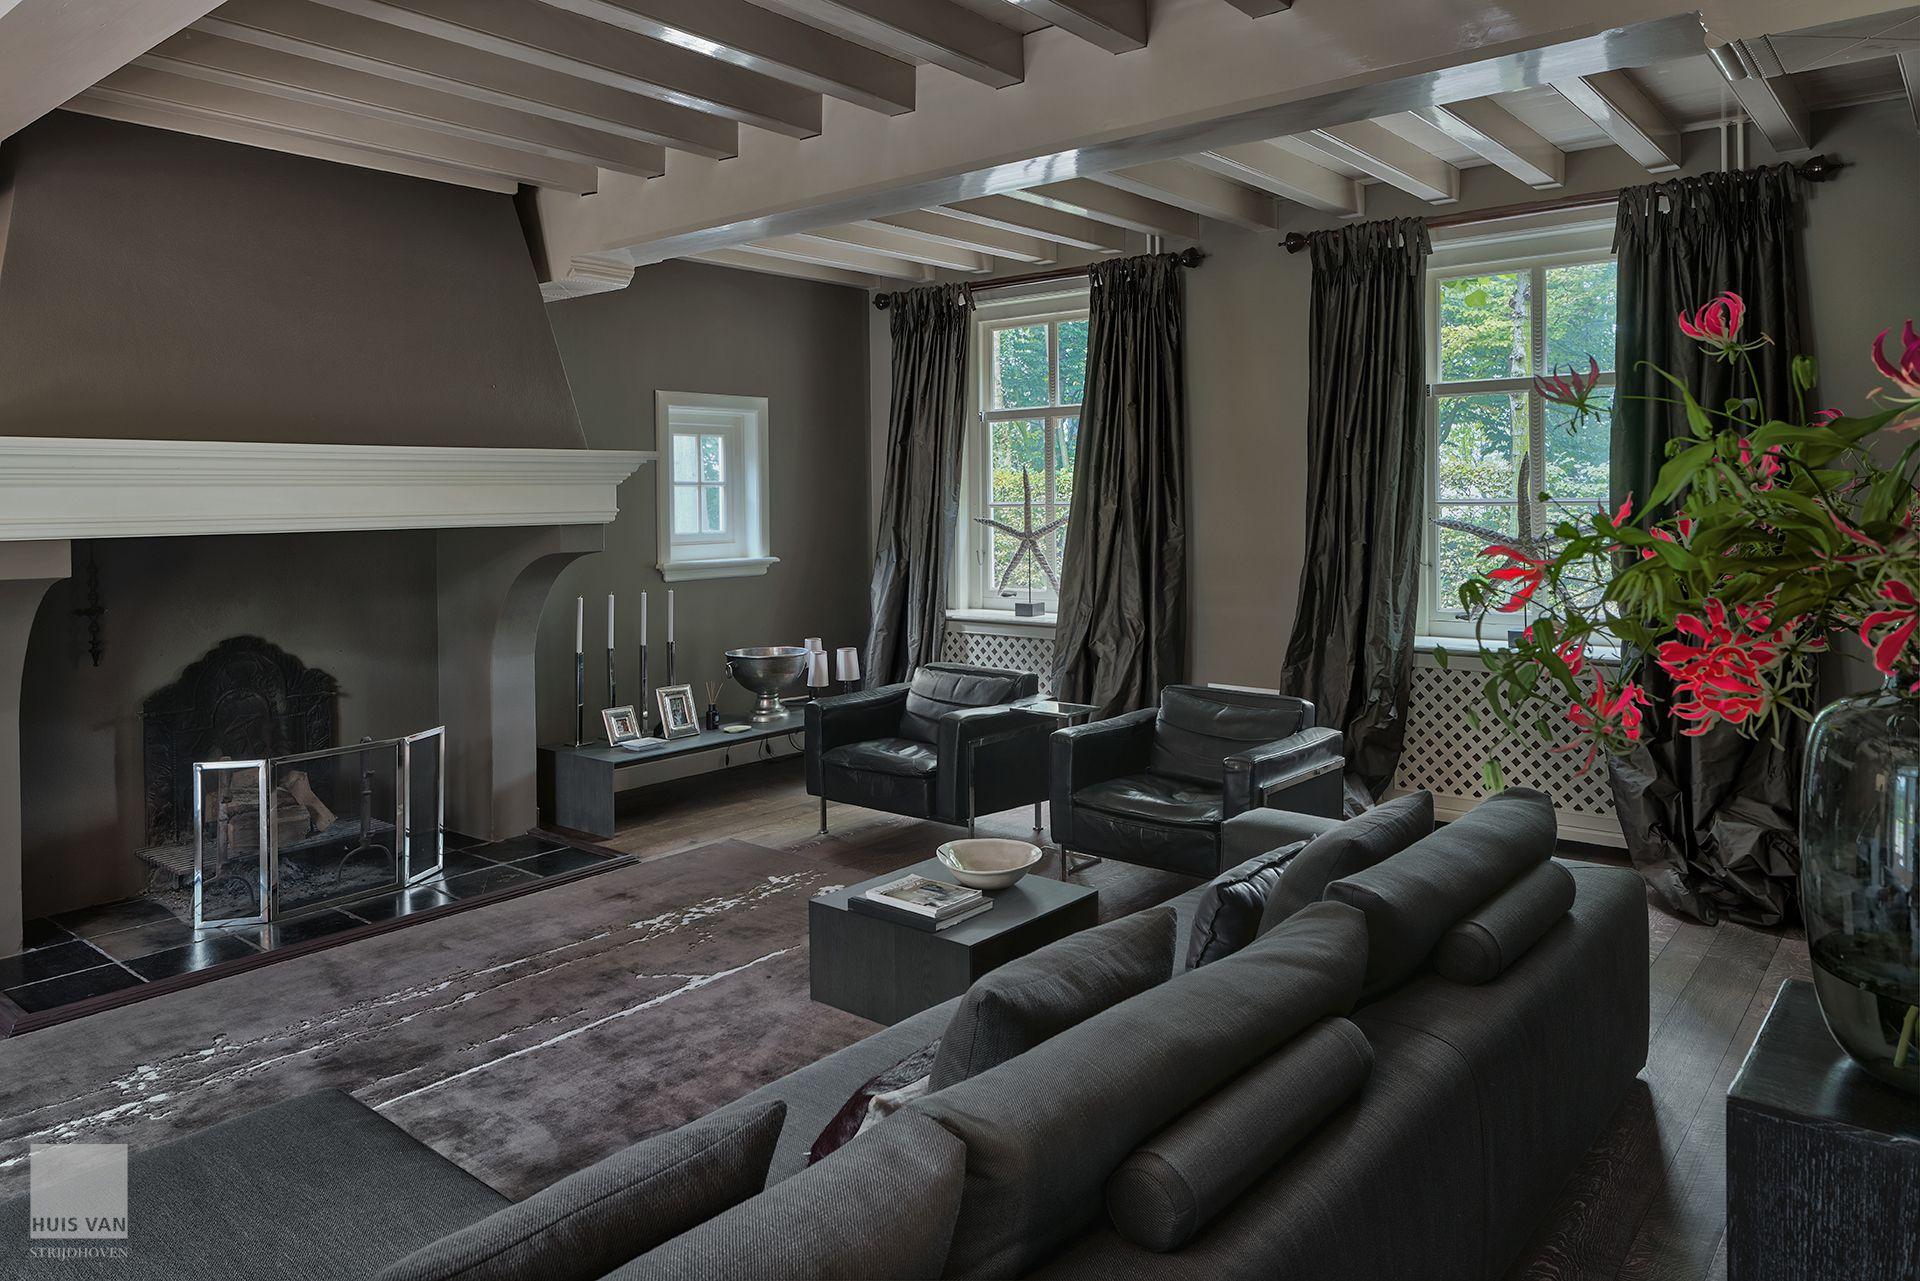 luxus villa rotterdam einrichtung kolenik, luxury interiors villa - landhuis interieur particulier landhuis, Design ideen